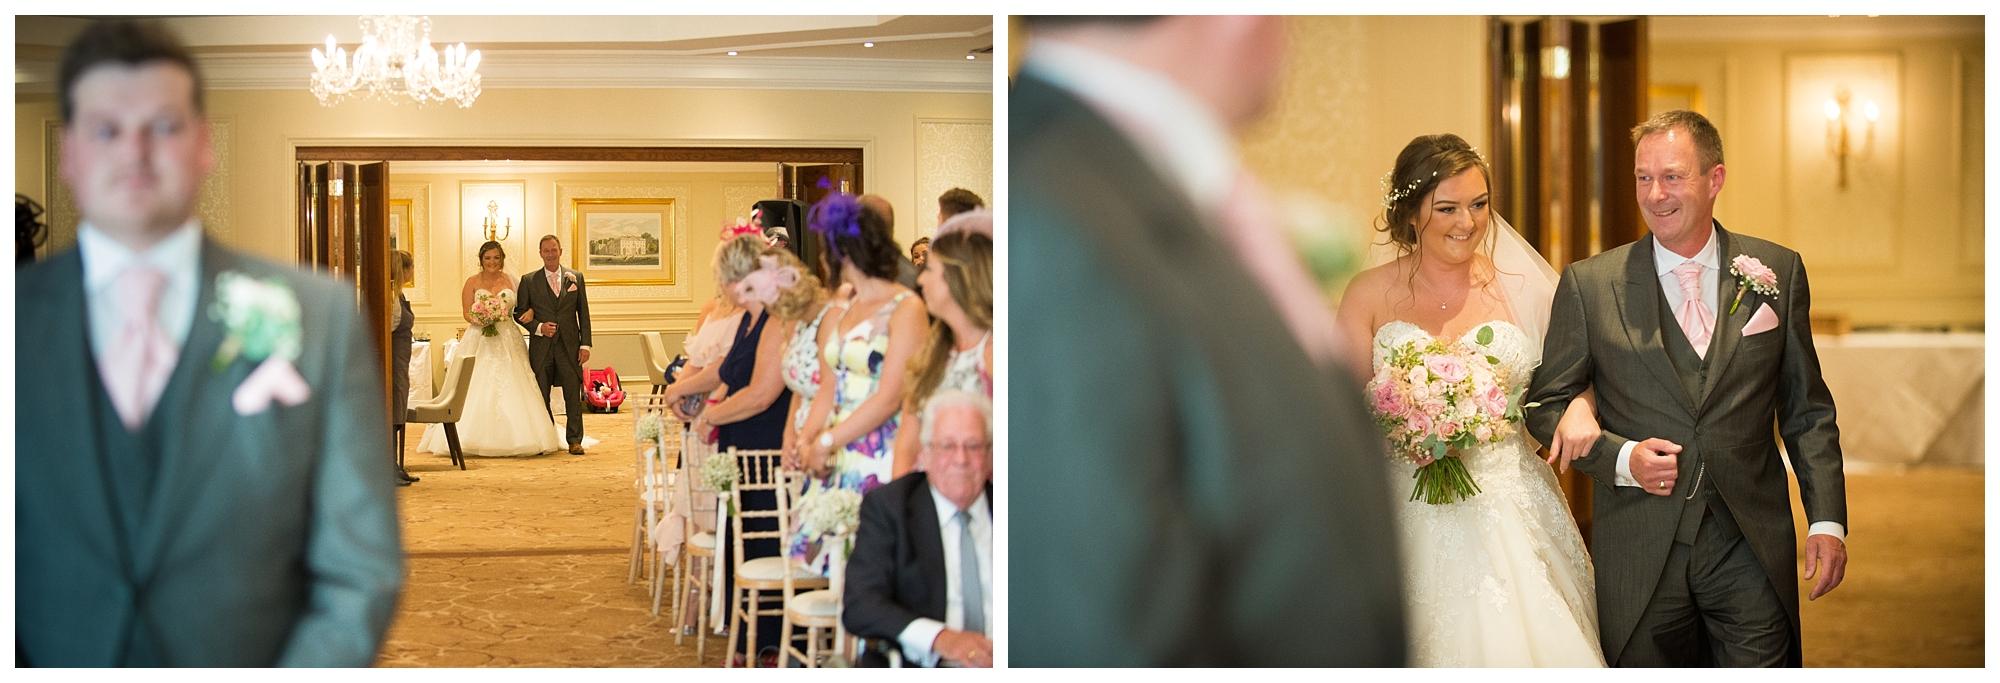 Wentbridge-House-Wedding-Photography_0016